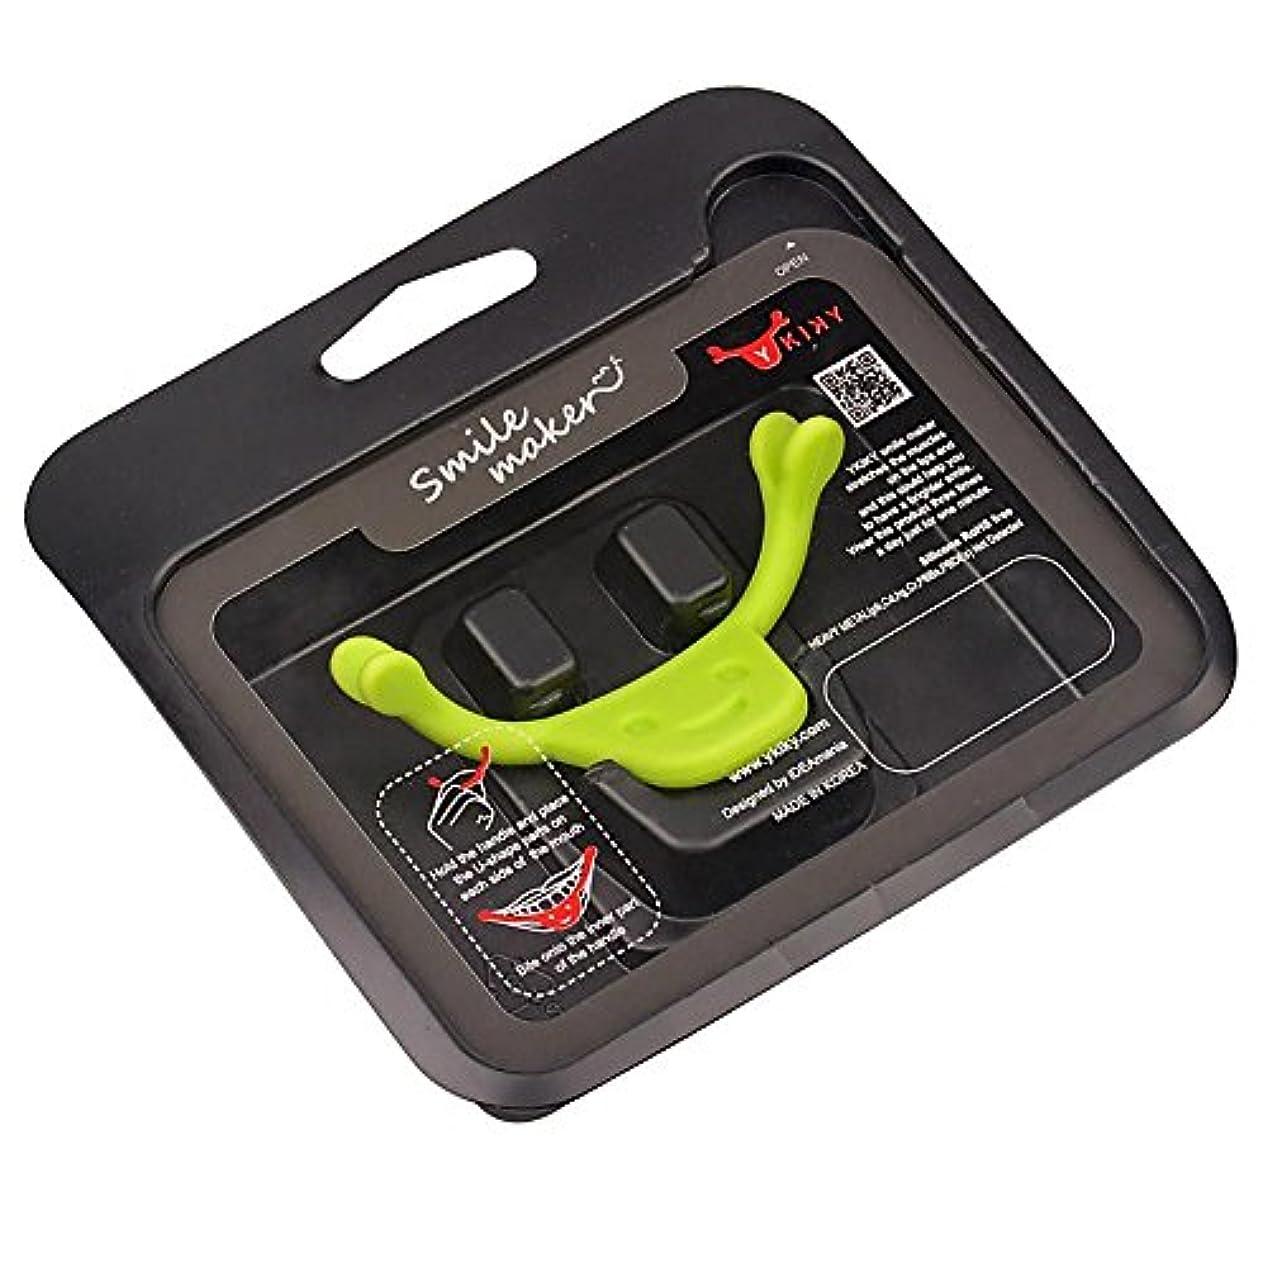 ぼんやりしたペック粘り強い口のチーク筋肉ブレーストレーニング フェイスパーソナル 笑顔メーカー スマイル修正 グリーン 5pcs